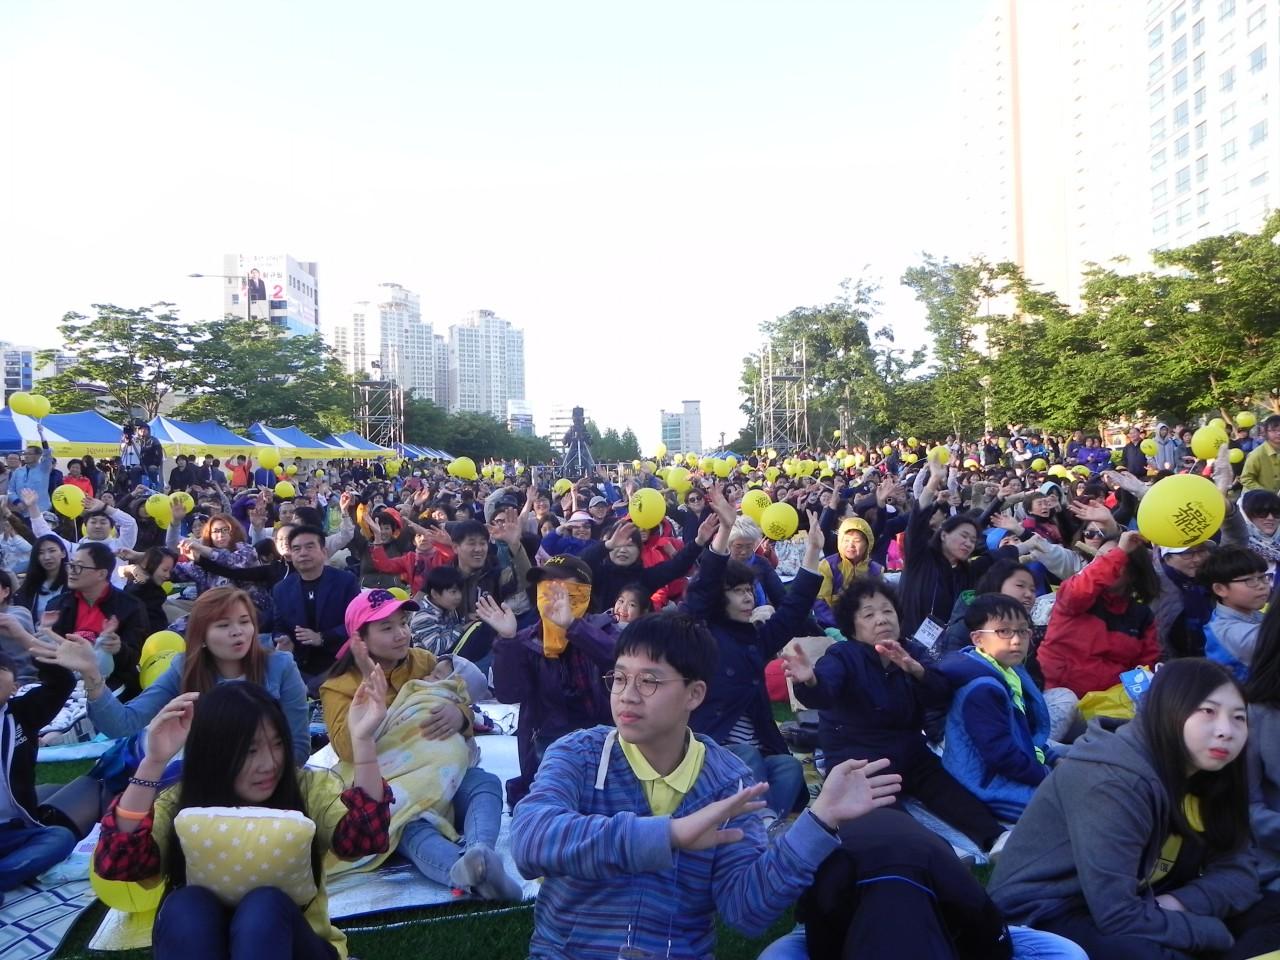 노무현 대통령 서거9주기 추모문화제 '5월, 노랑콘서트'가 부산 진구 송상현 광장에서 열렸다.